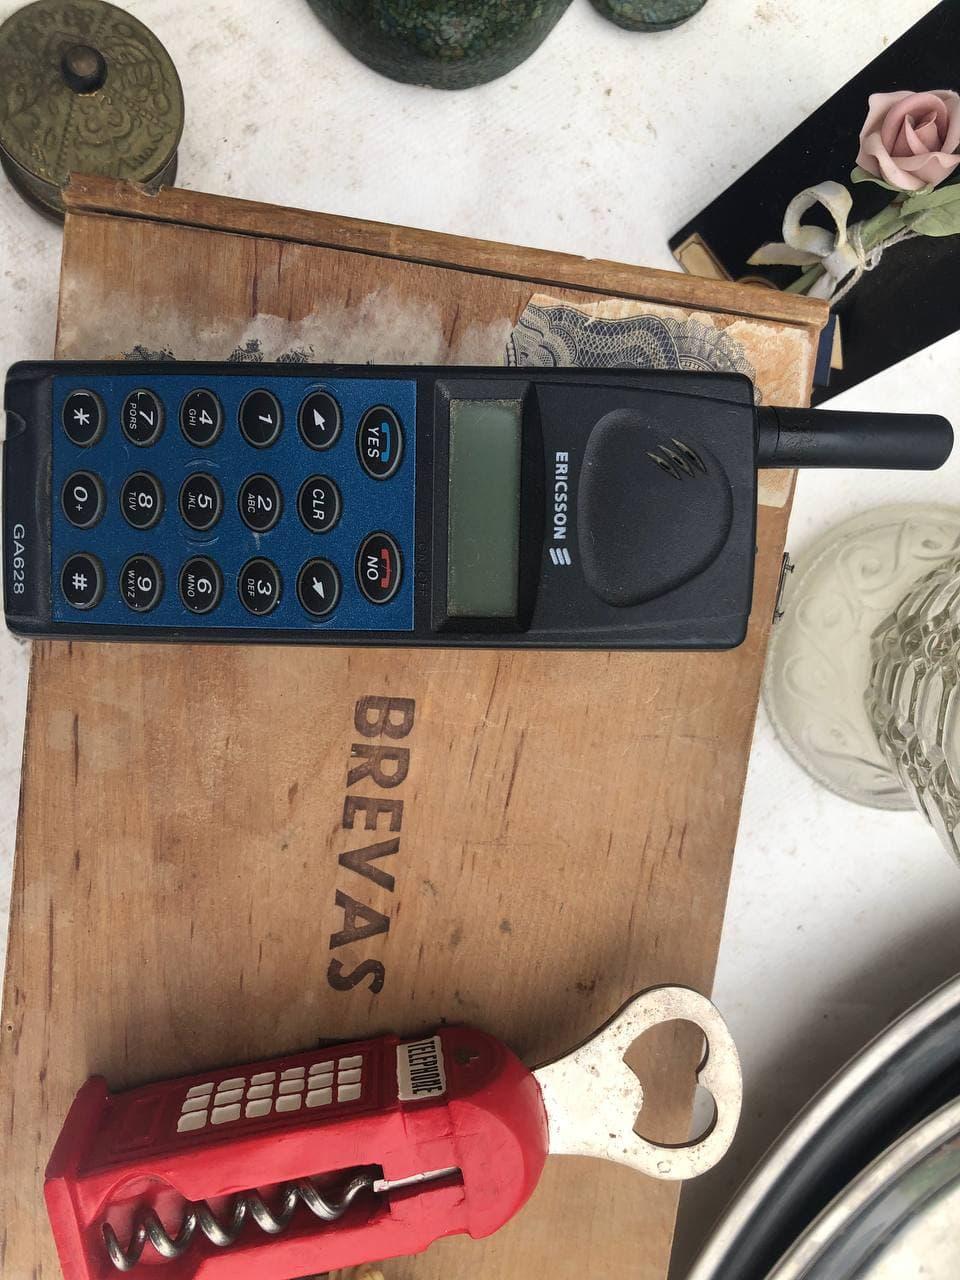 Испанская барахолка: камеры, старые сотовые телефоны и очень старые ноутбуки - 1